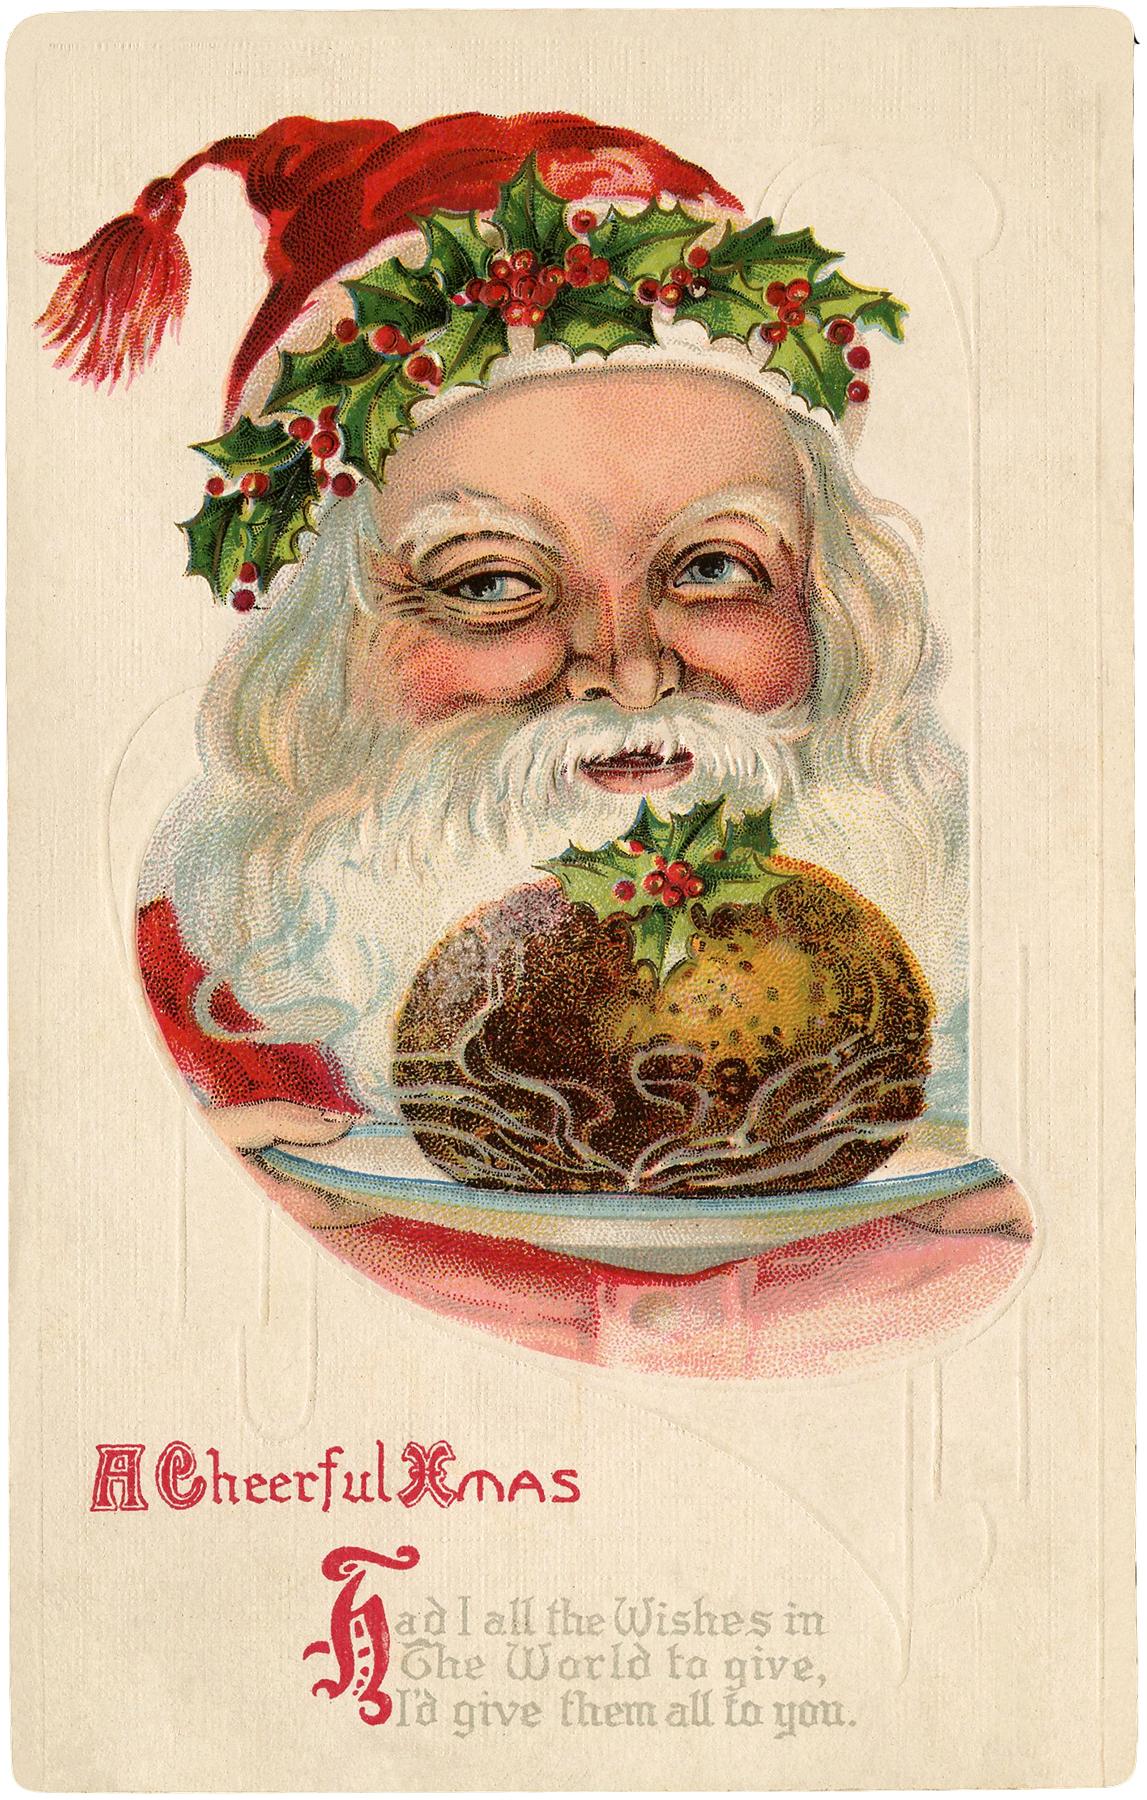 Old World Santa with Christmas Pudding Image